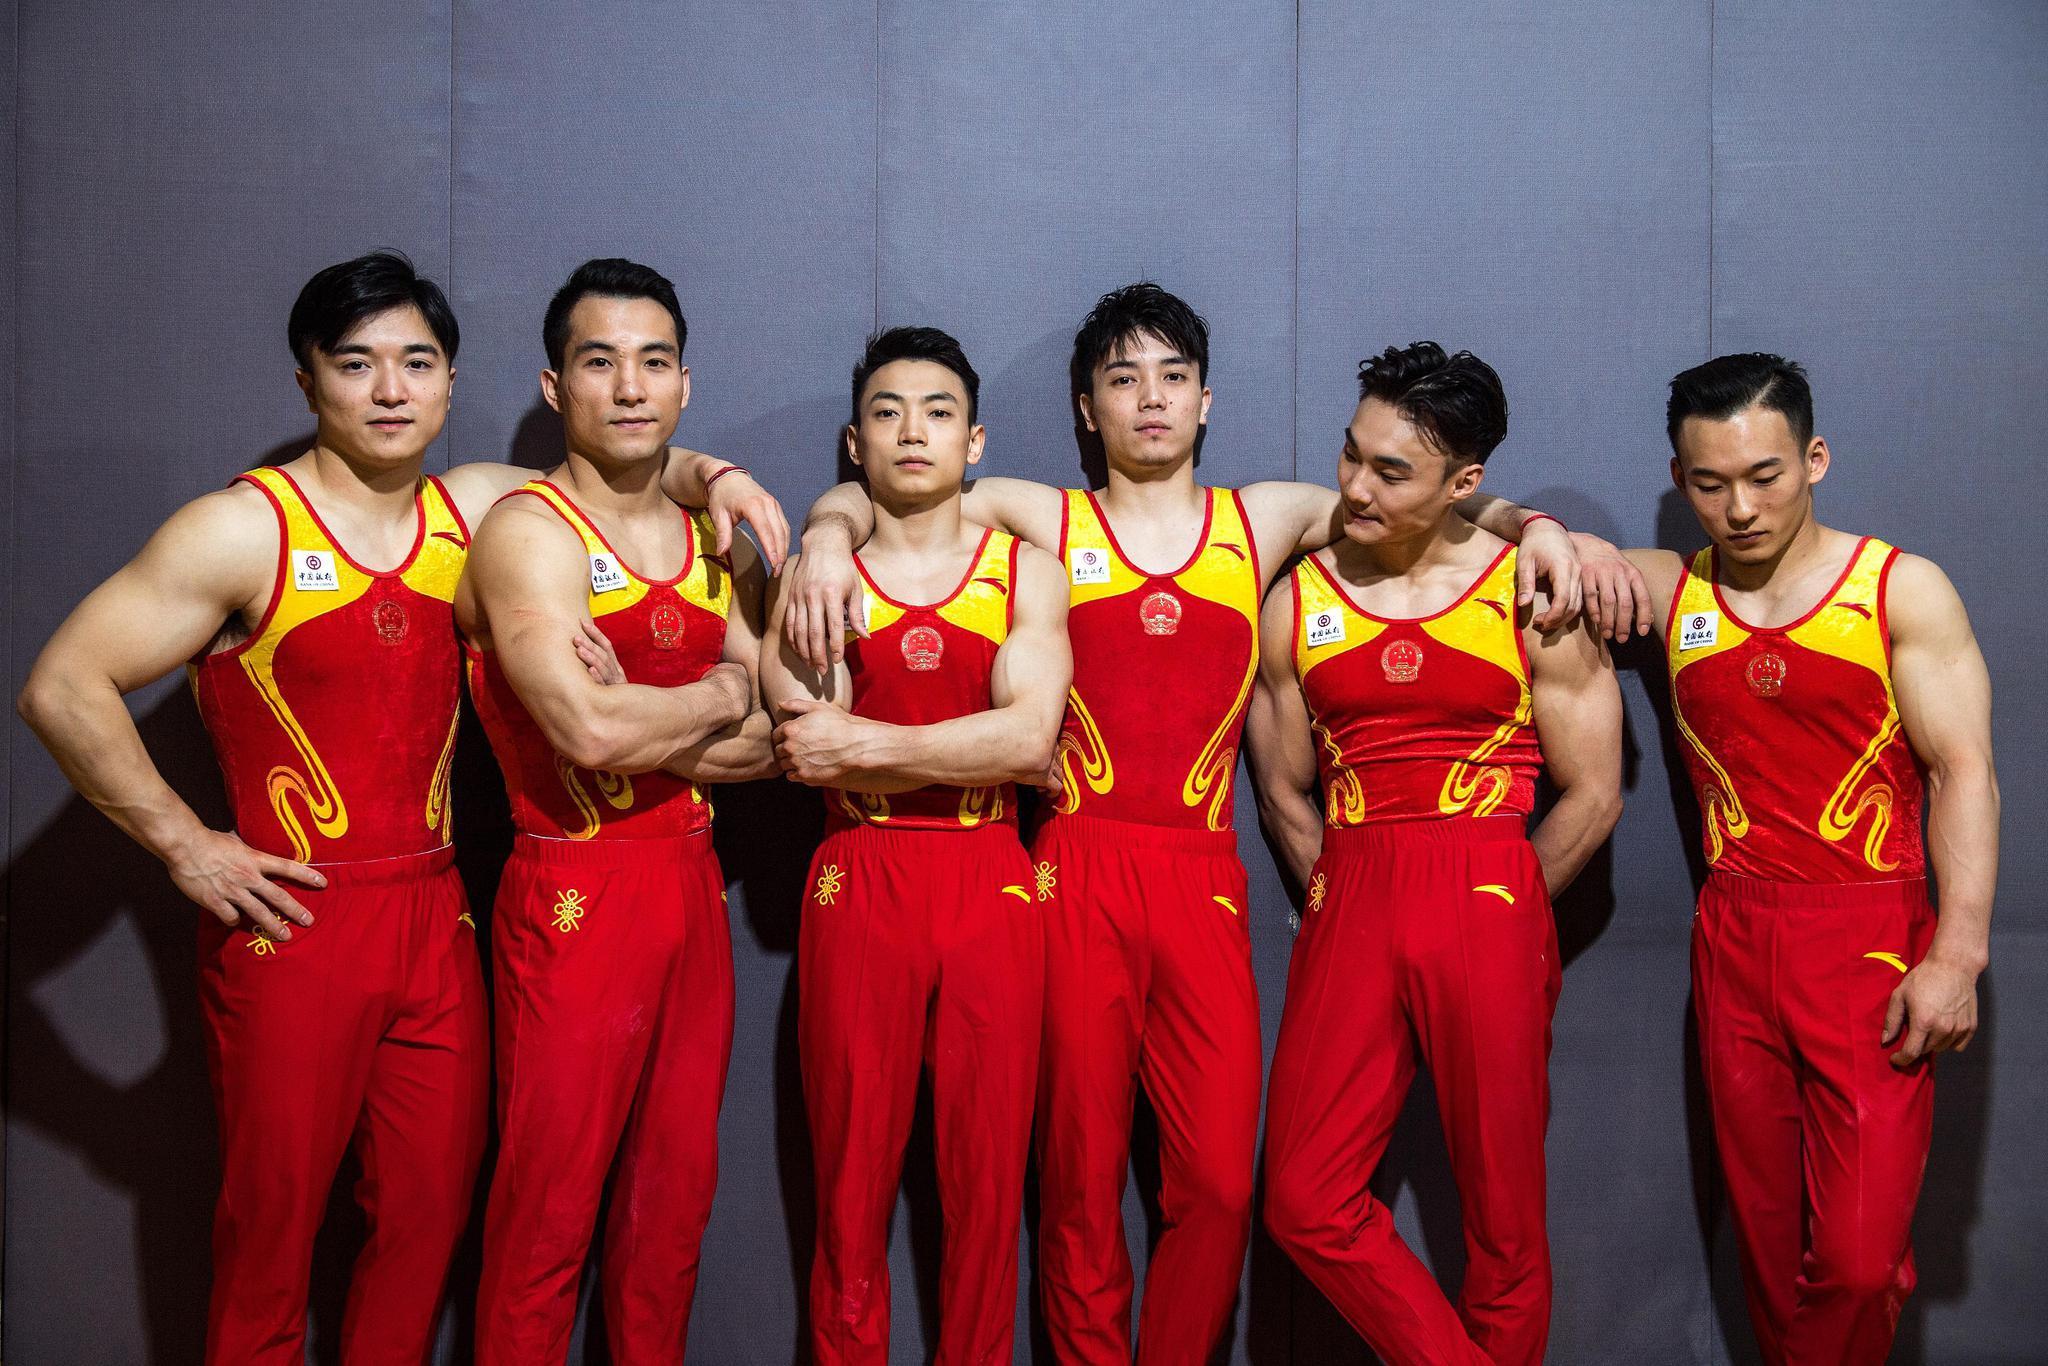 左起:刘洋、邓书弟、邹敬园、林超攀、孙炜、肖若腾。